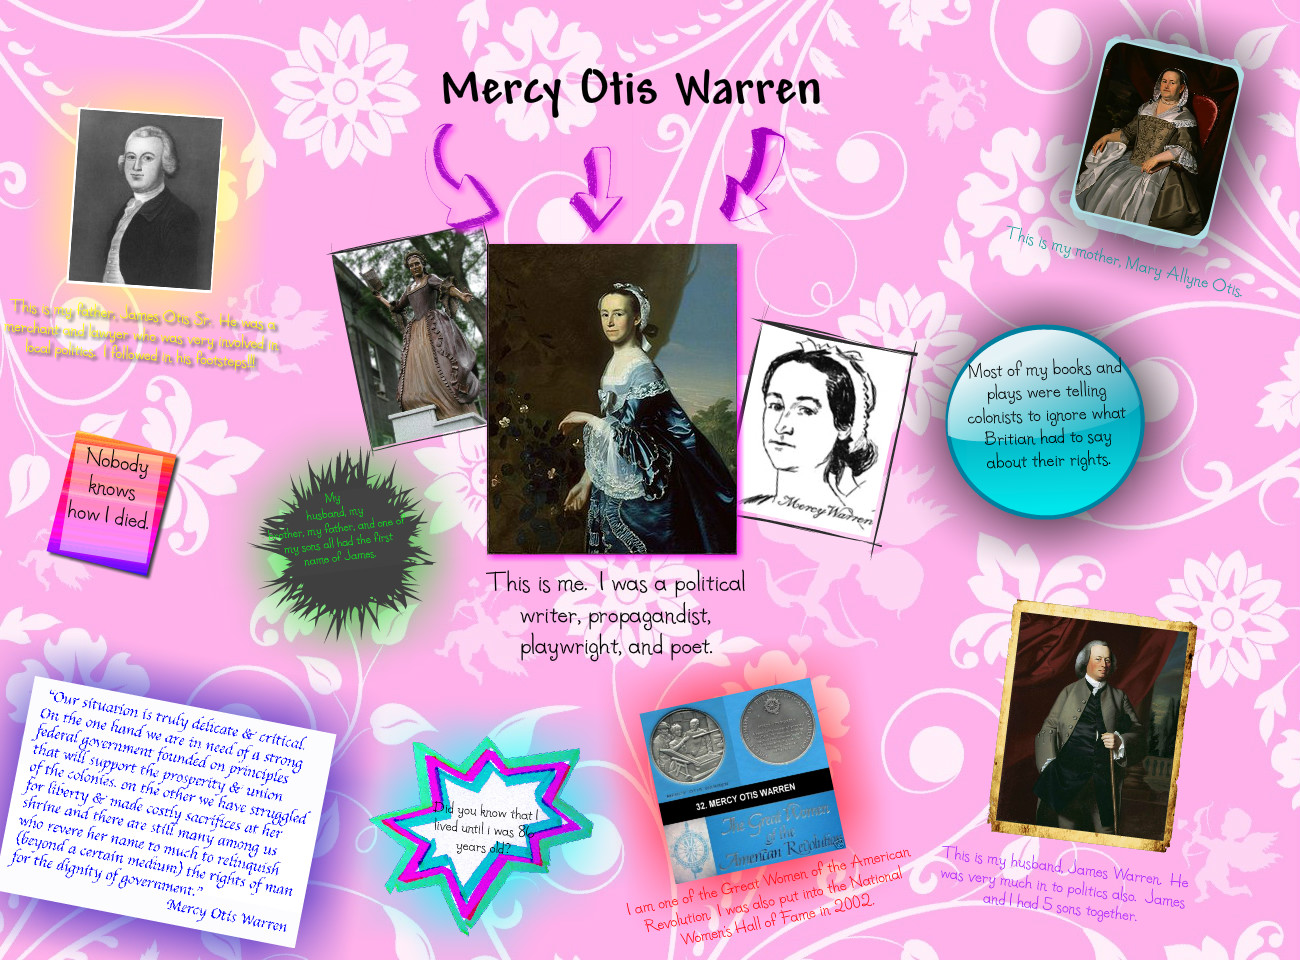 When did mercy otis warren start writing poems for dummies